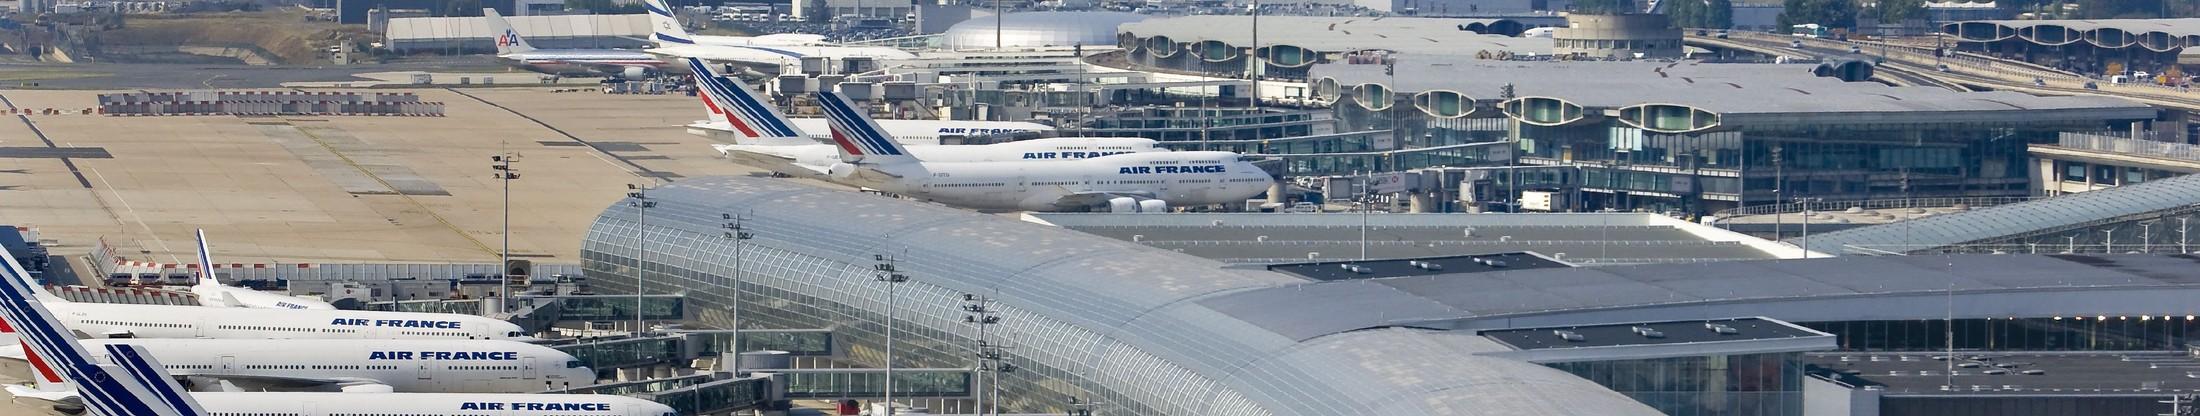 Aéroport Roissy-Charles-de-Gaulle vu de haut